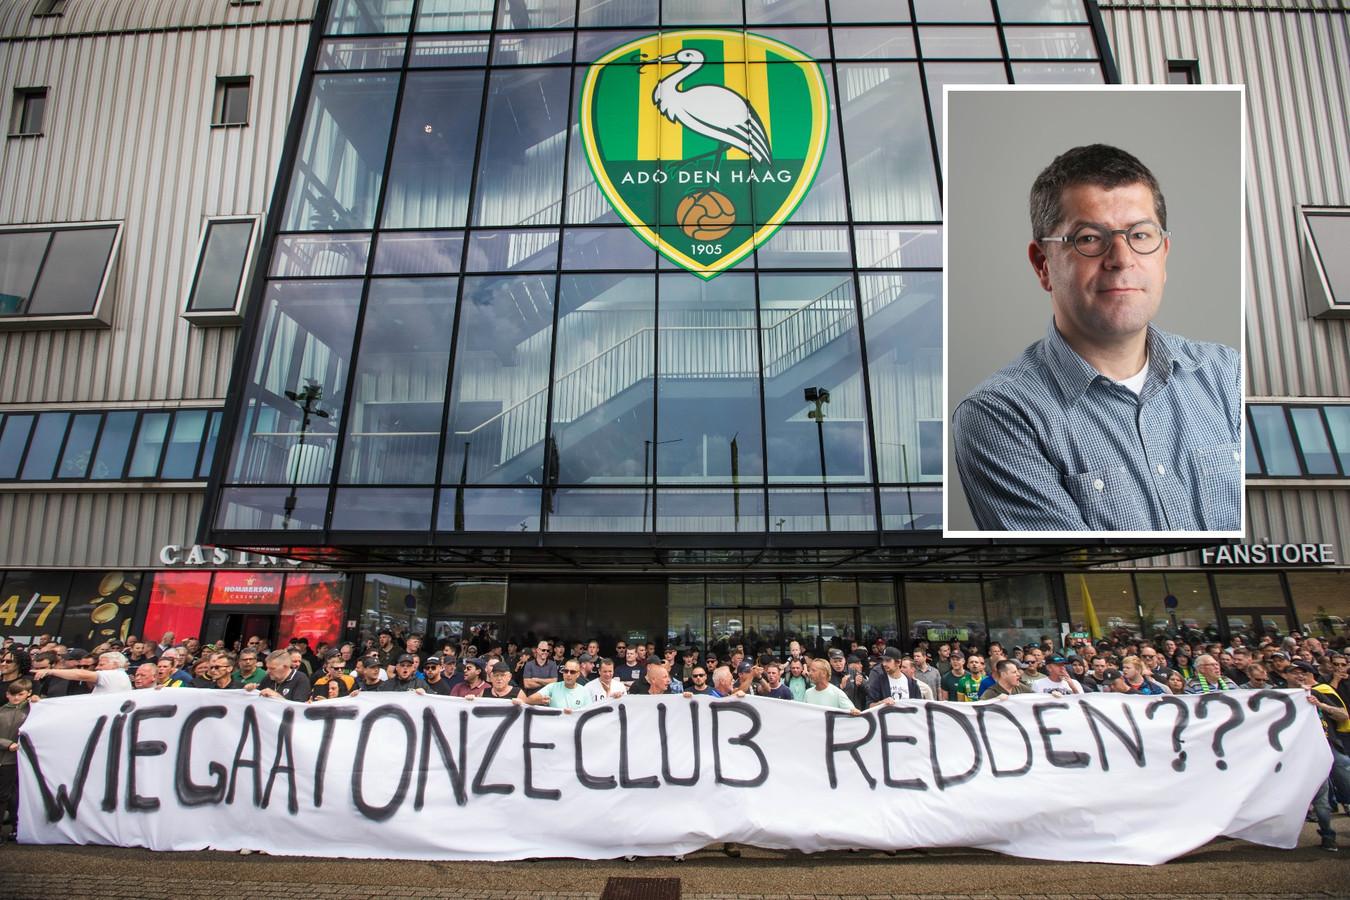 Chef Axel Veldhuijzen over ADO Den Haag en de lening van de gemeente